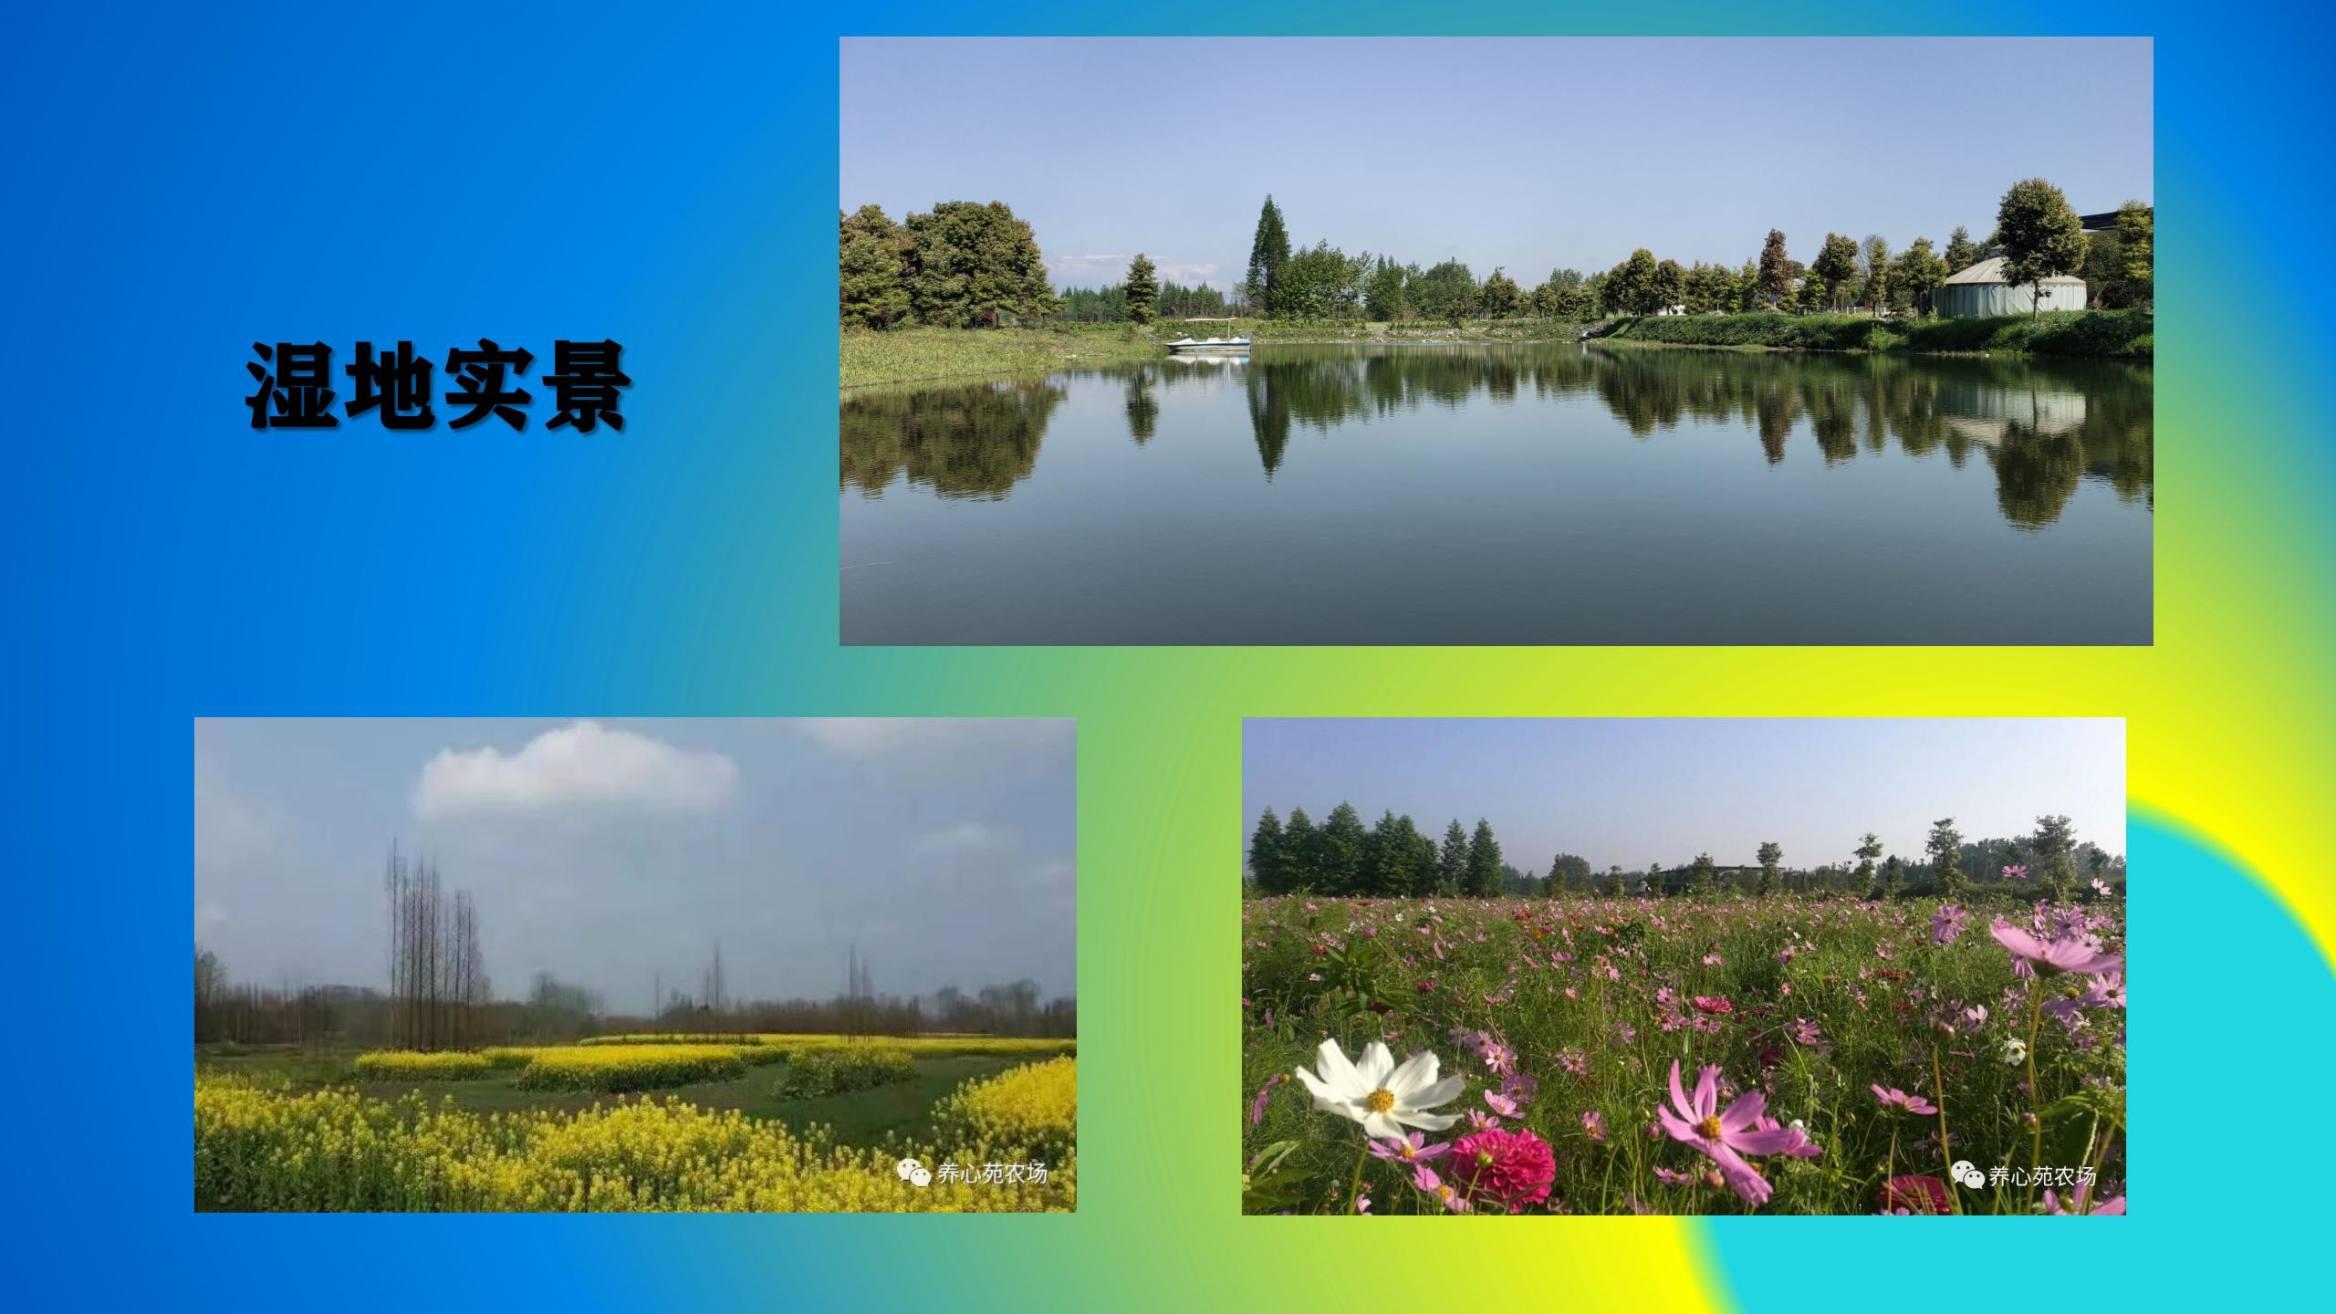 沈家船田园水乡智慧生态园 (30)